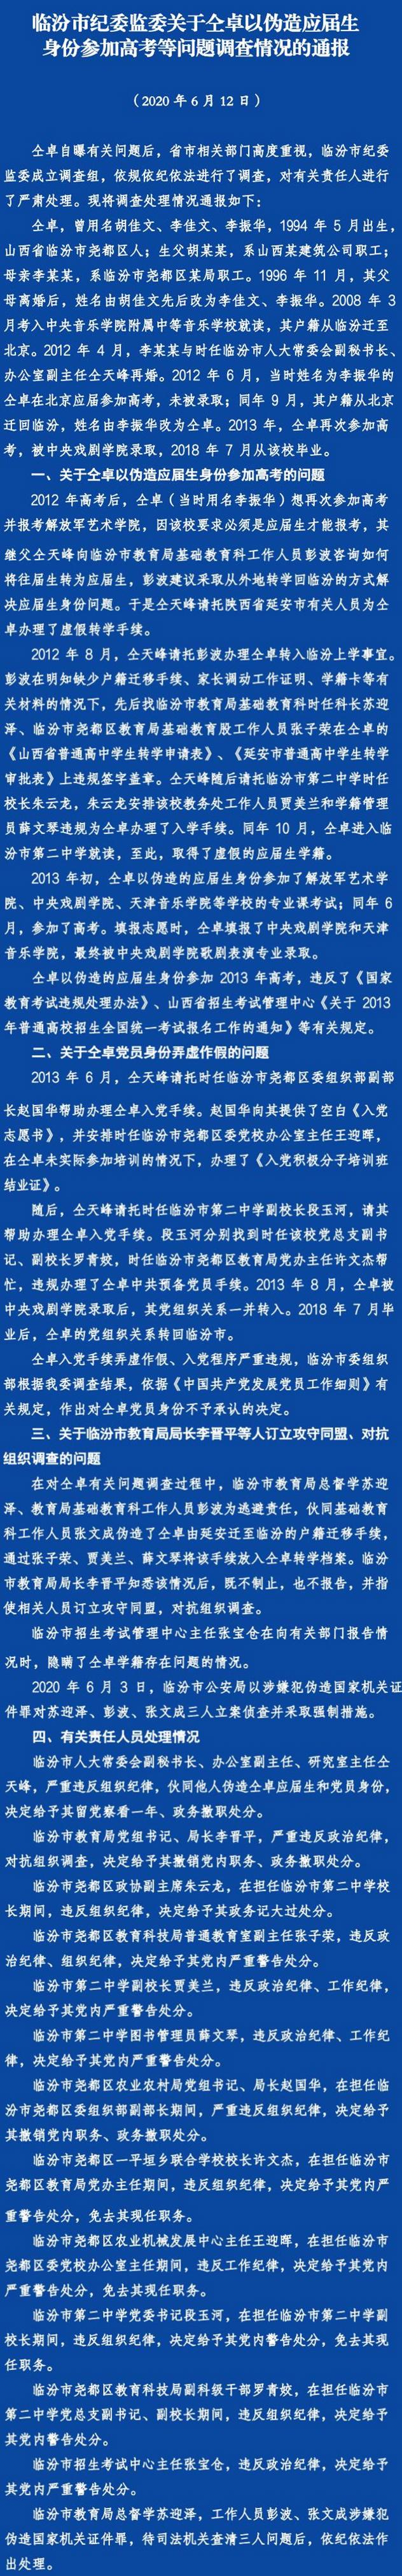 山西省纪委监委:仝卓应届生和党员身份均伪造仝天峰等一批人被处理